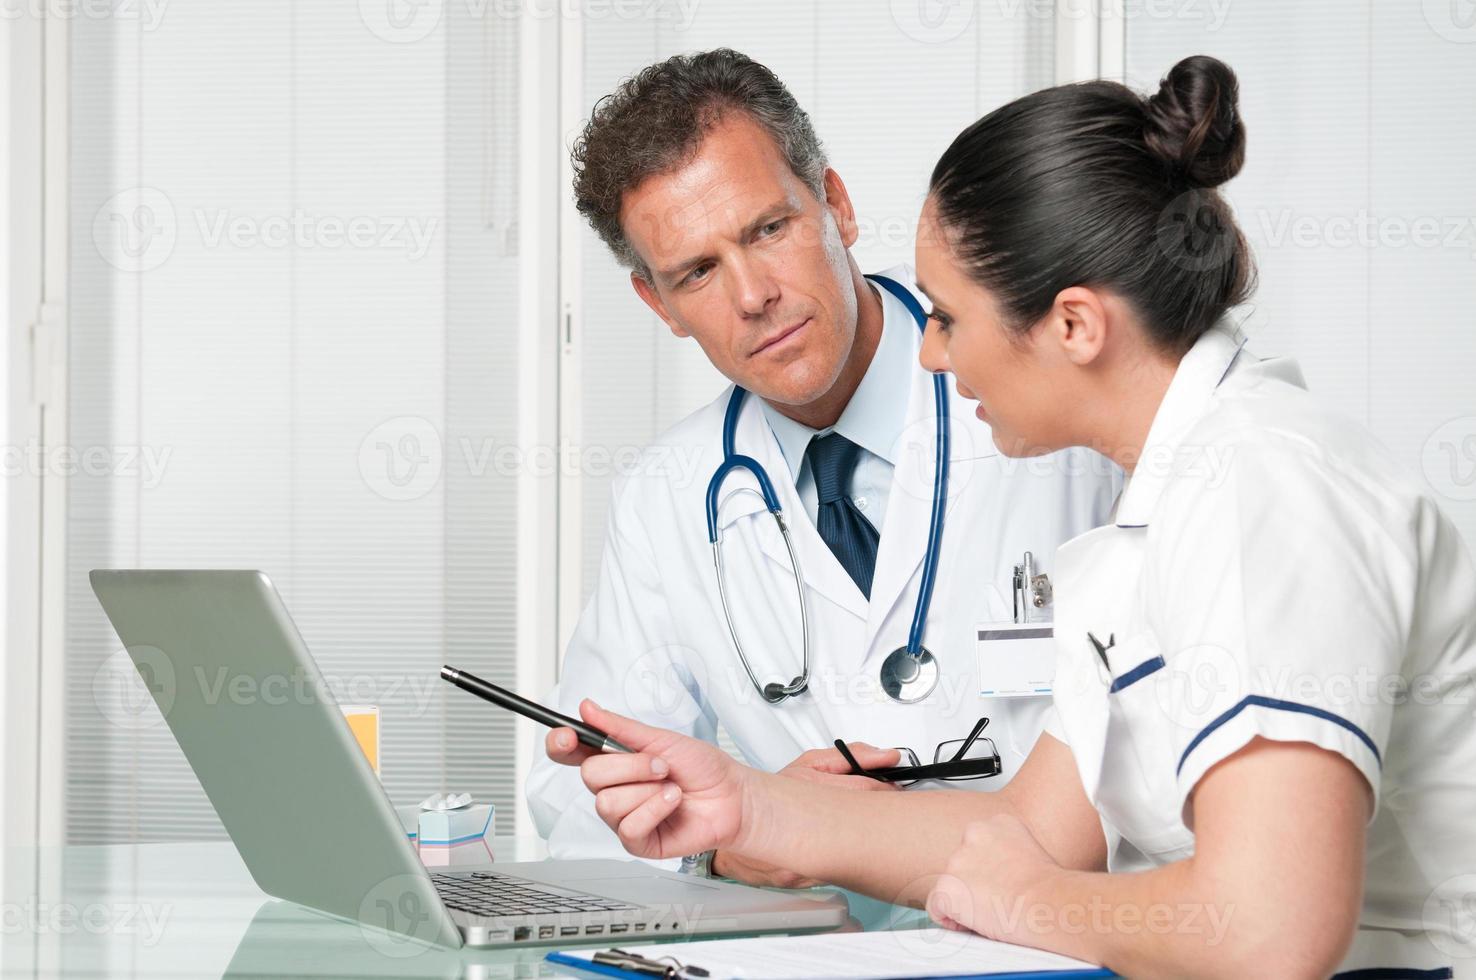 médico e enfermeira trabalhando no laptop foto